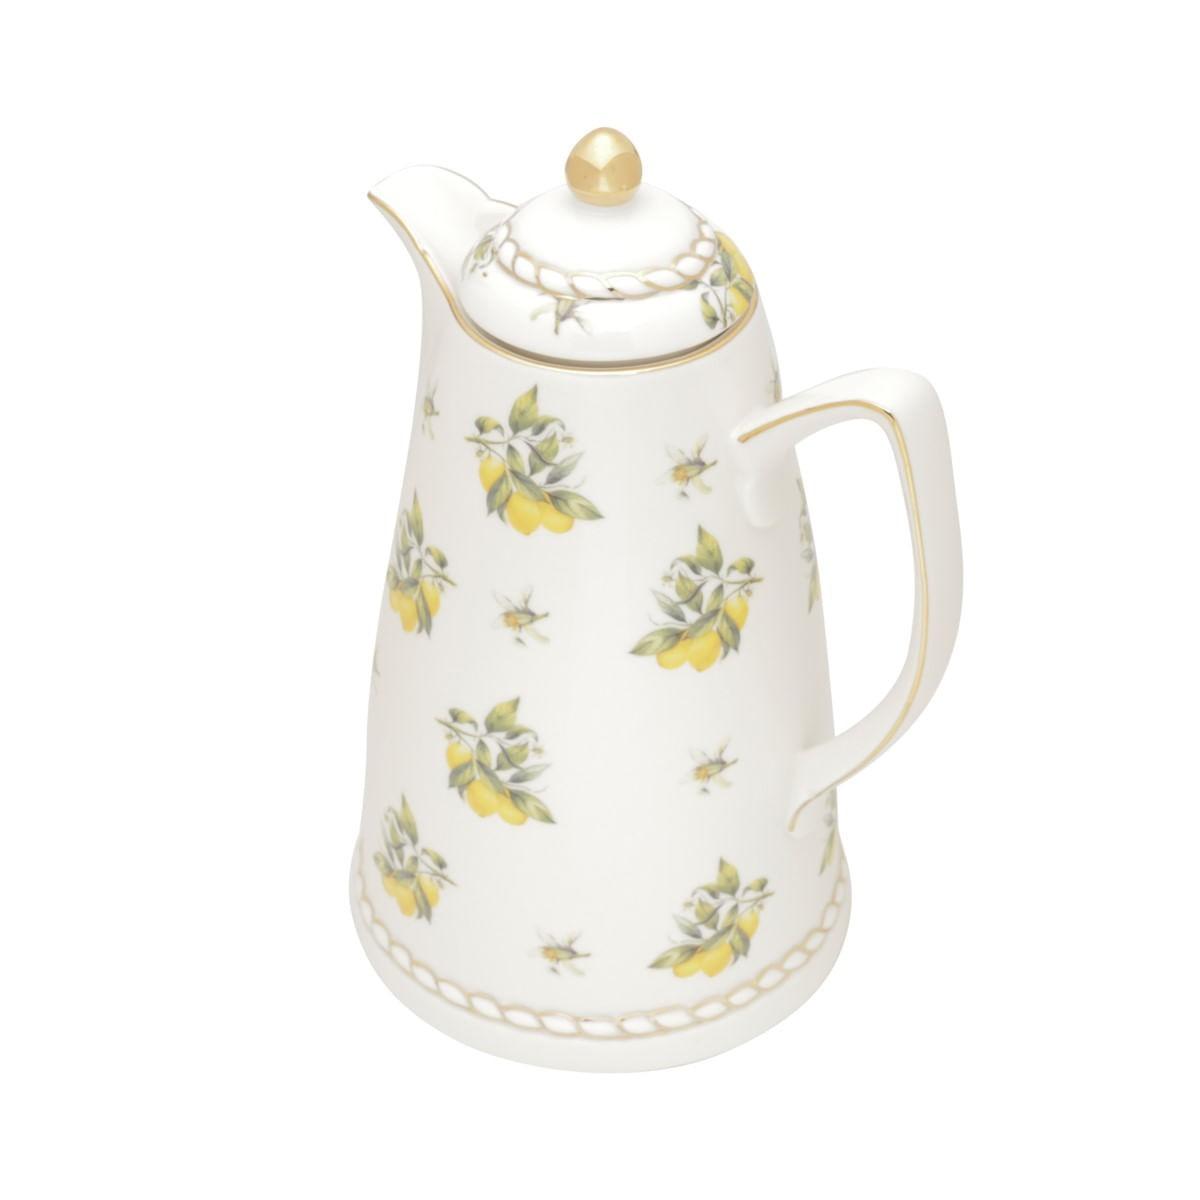 Garrafa Térmica De Porcelana Limões Detalhes Dourados 900ml